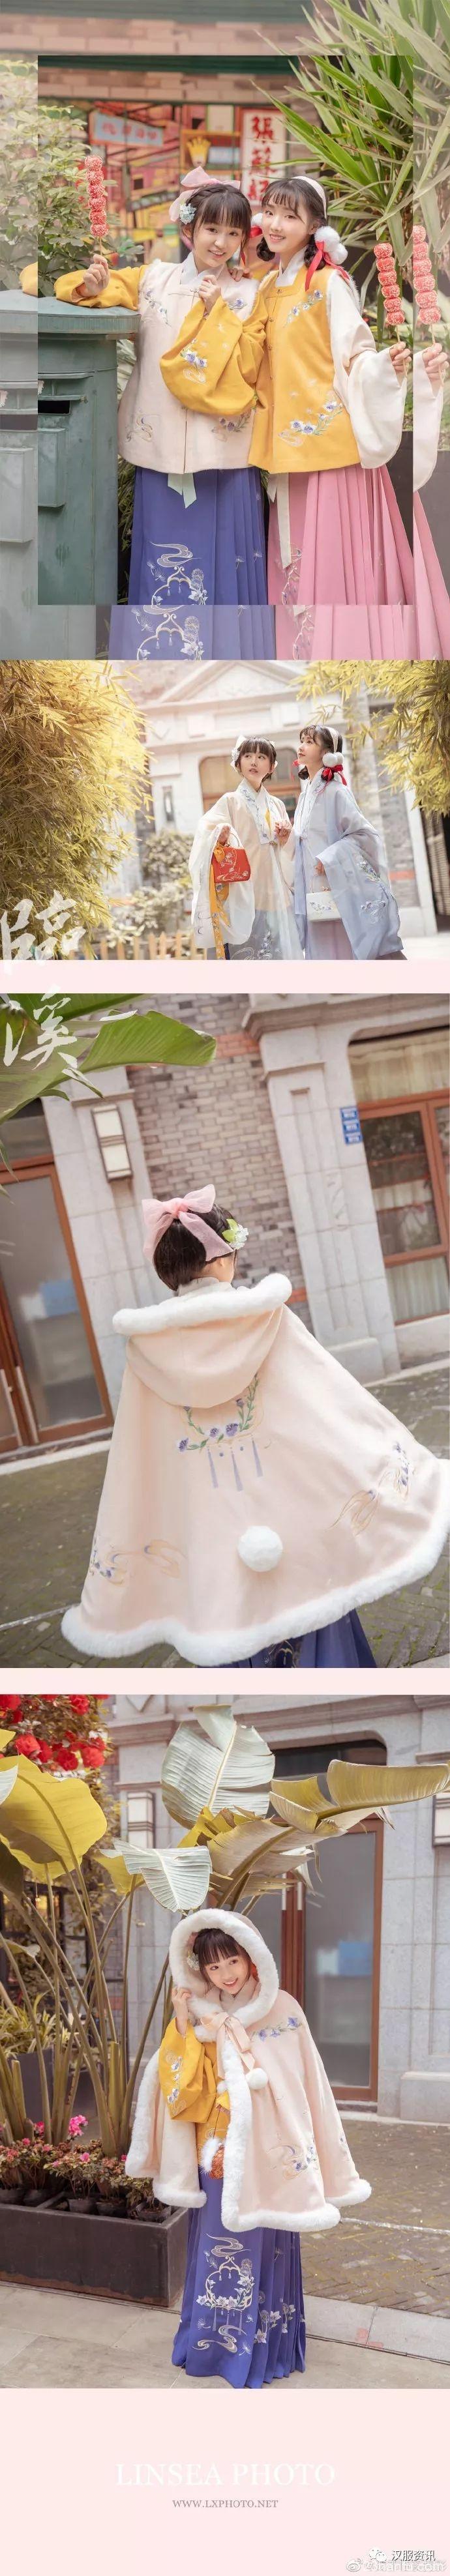 【汉服私影】秋冬甜蜜穿搭